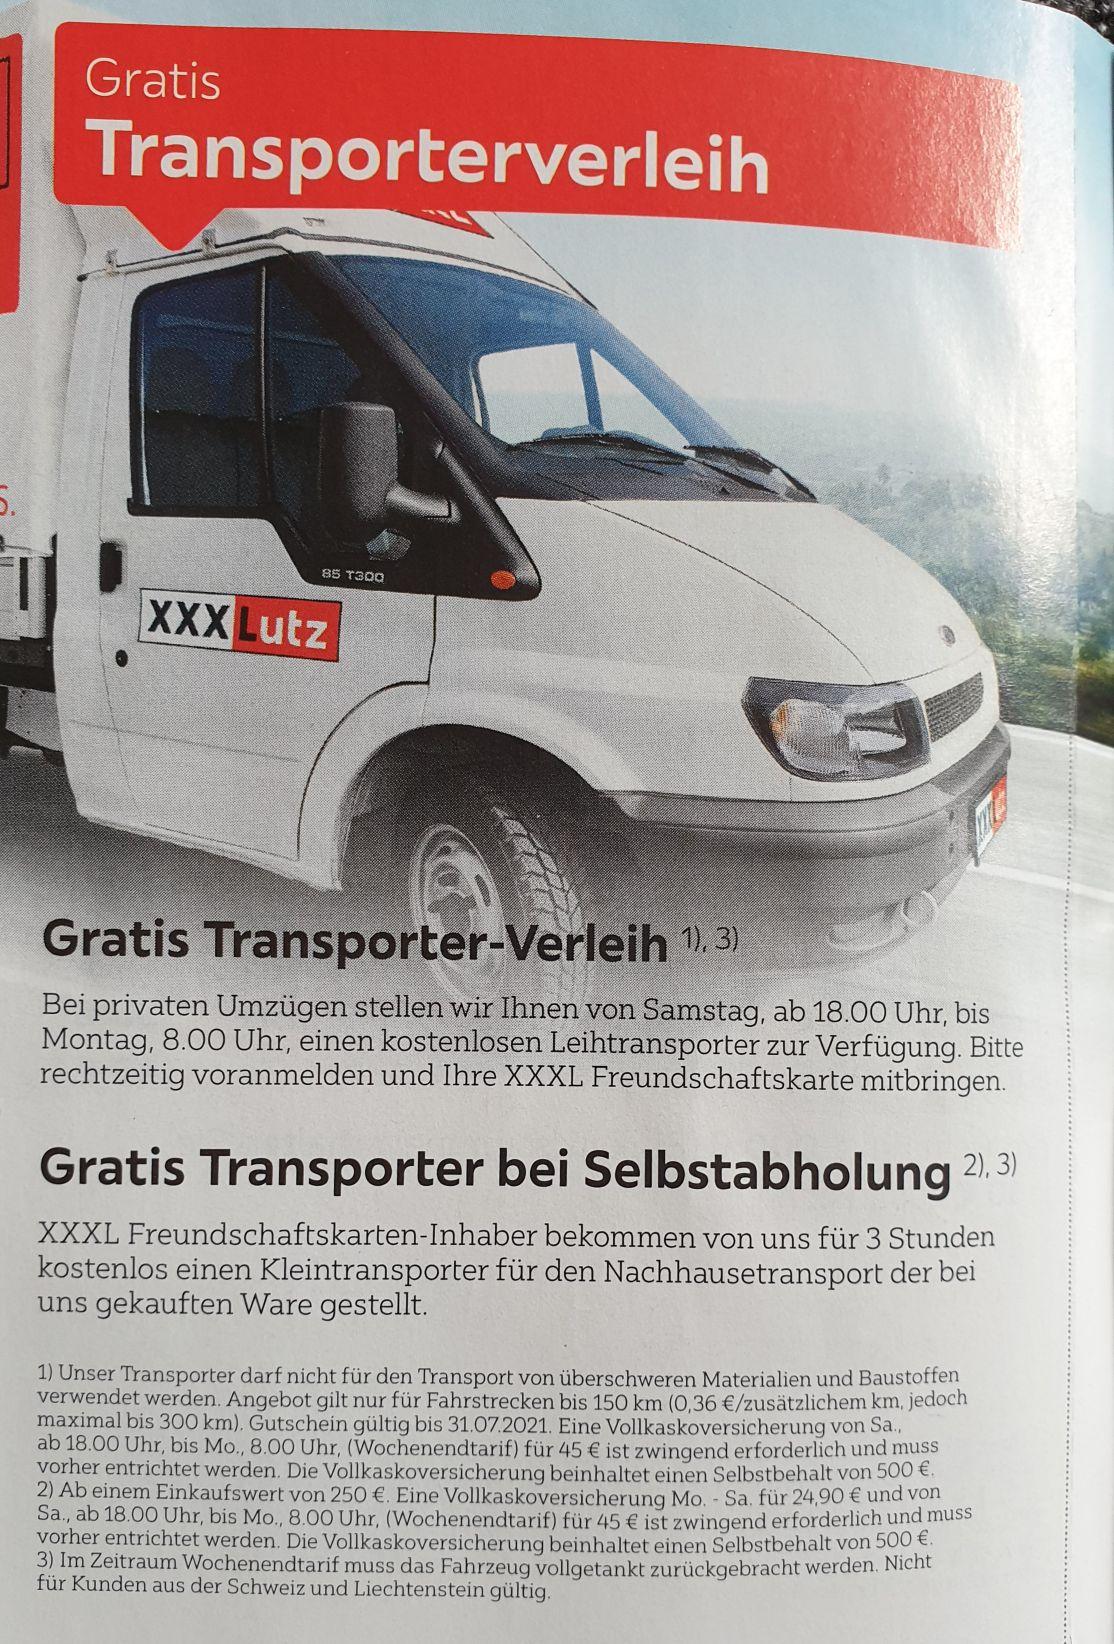 Für 45€ Vollkasko: Transporter Verleih für Umzüge Sa. (18 Uhr) bis Mo. (8 Uhr) XXXL Freundschaftskarte